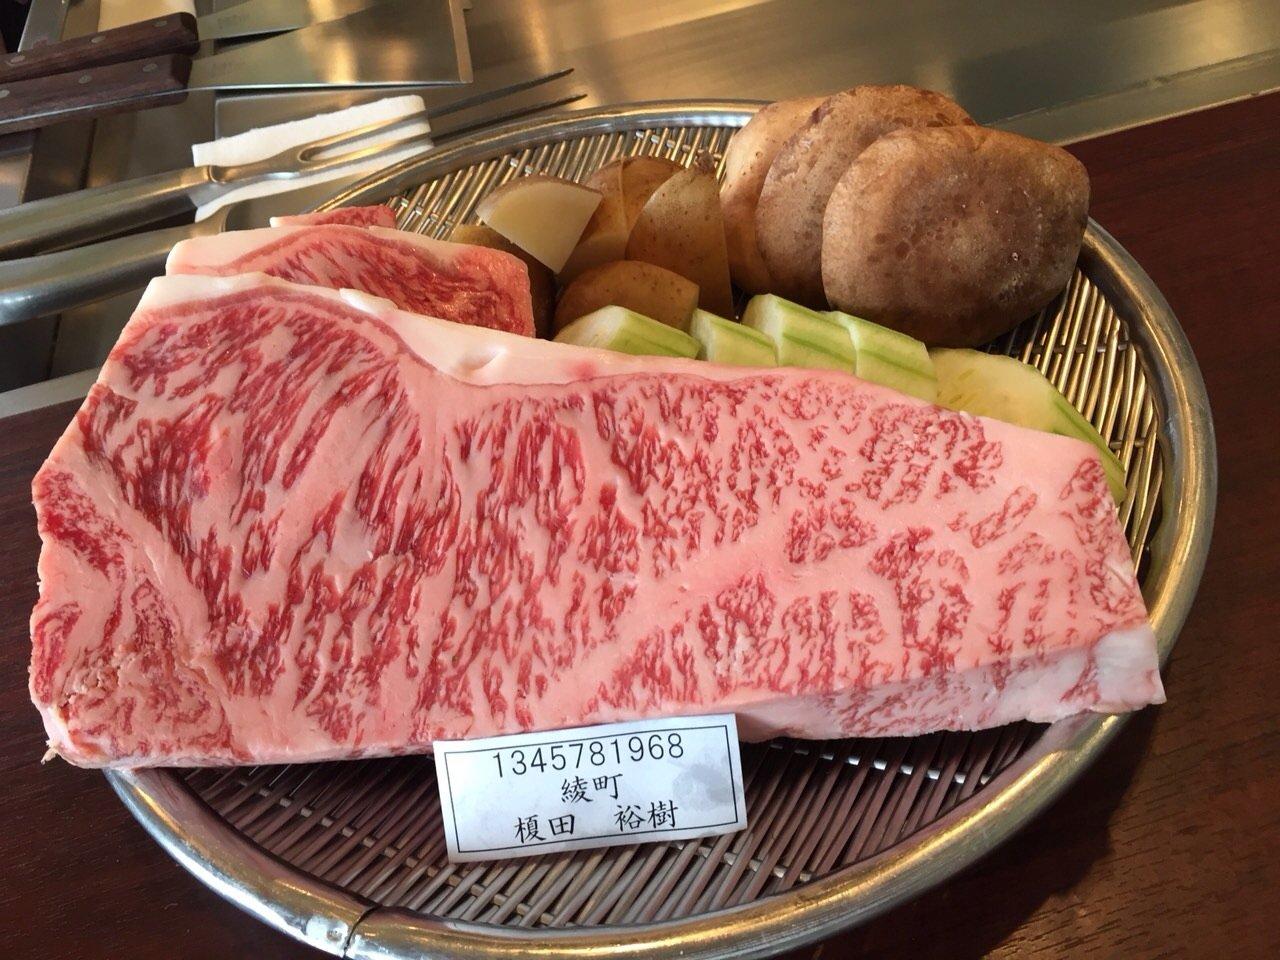 肉の下に人名が書かれたプレートを置いた結果?人の肉みたいwww